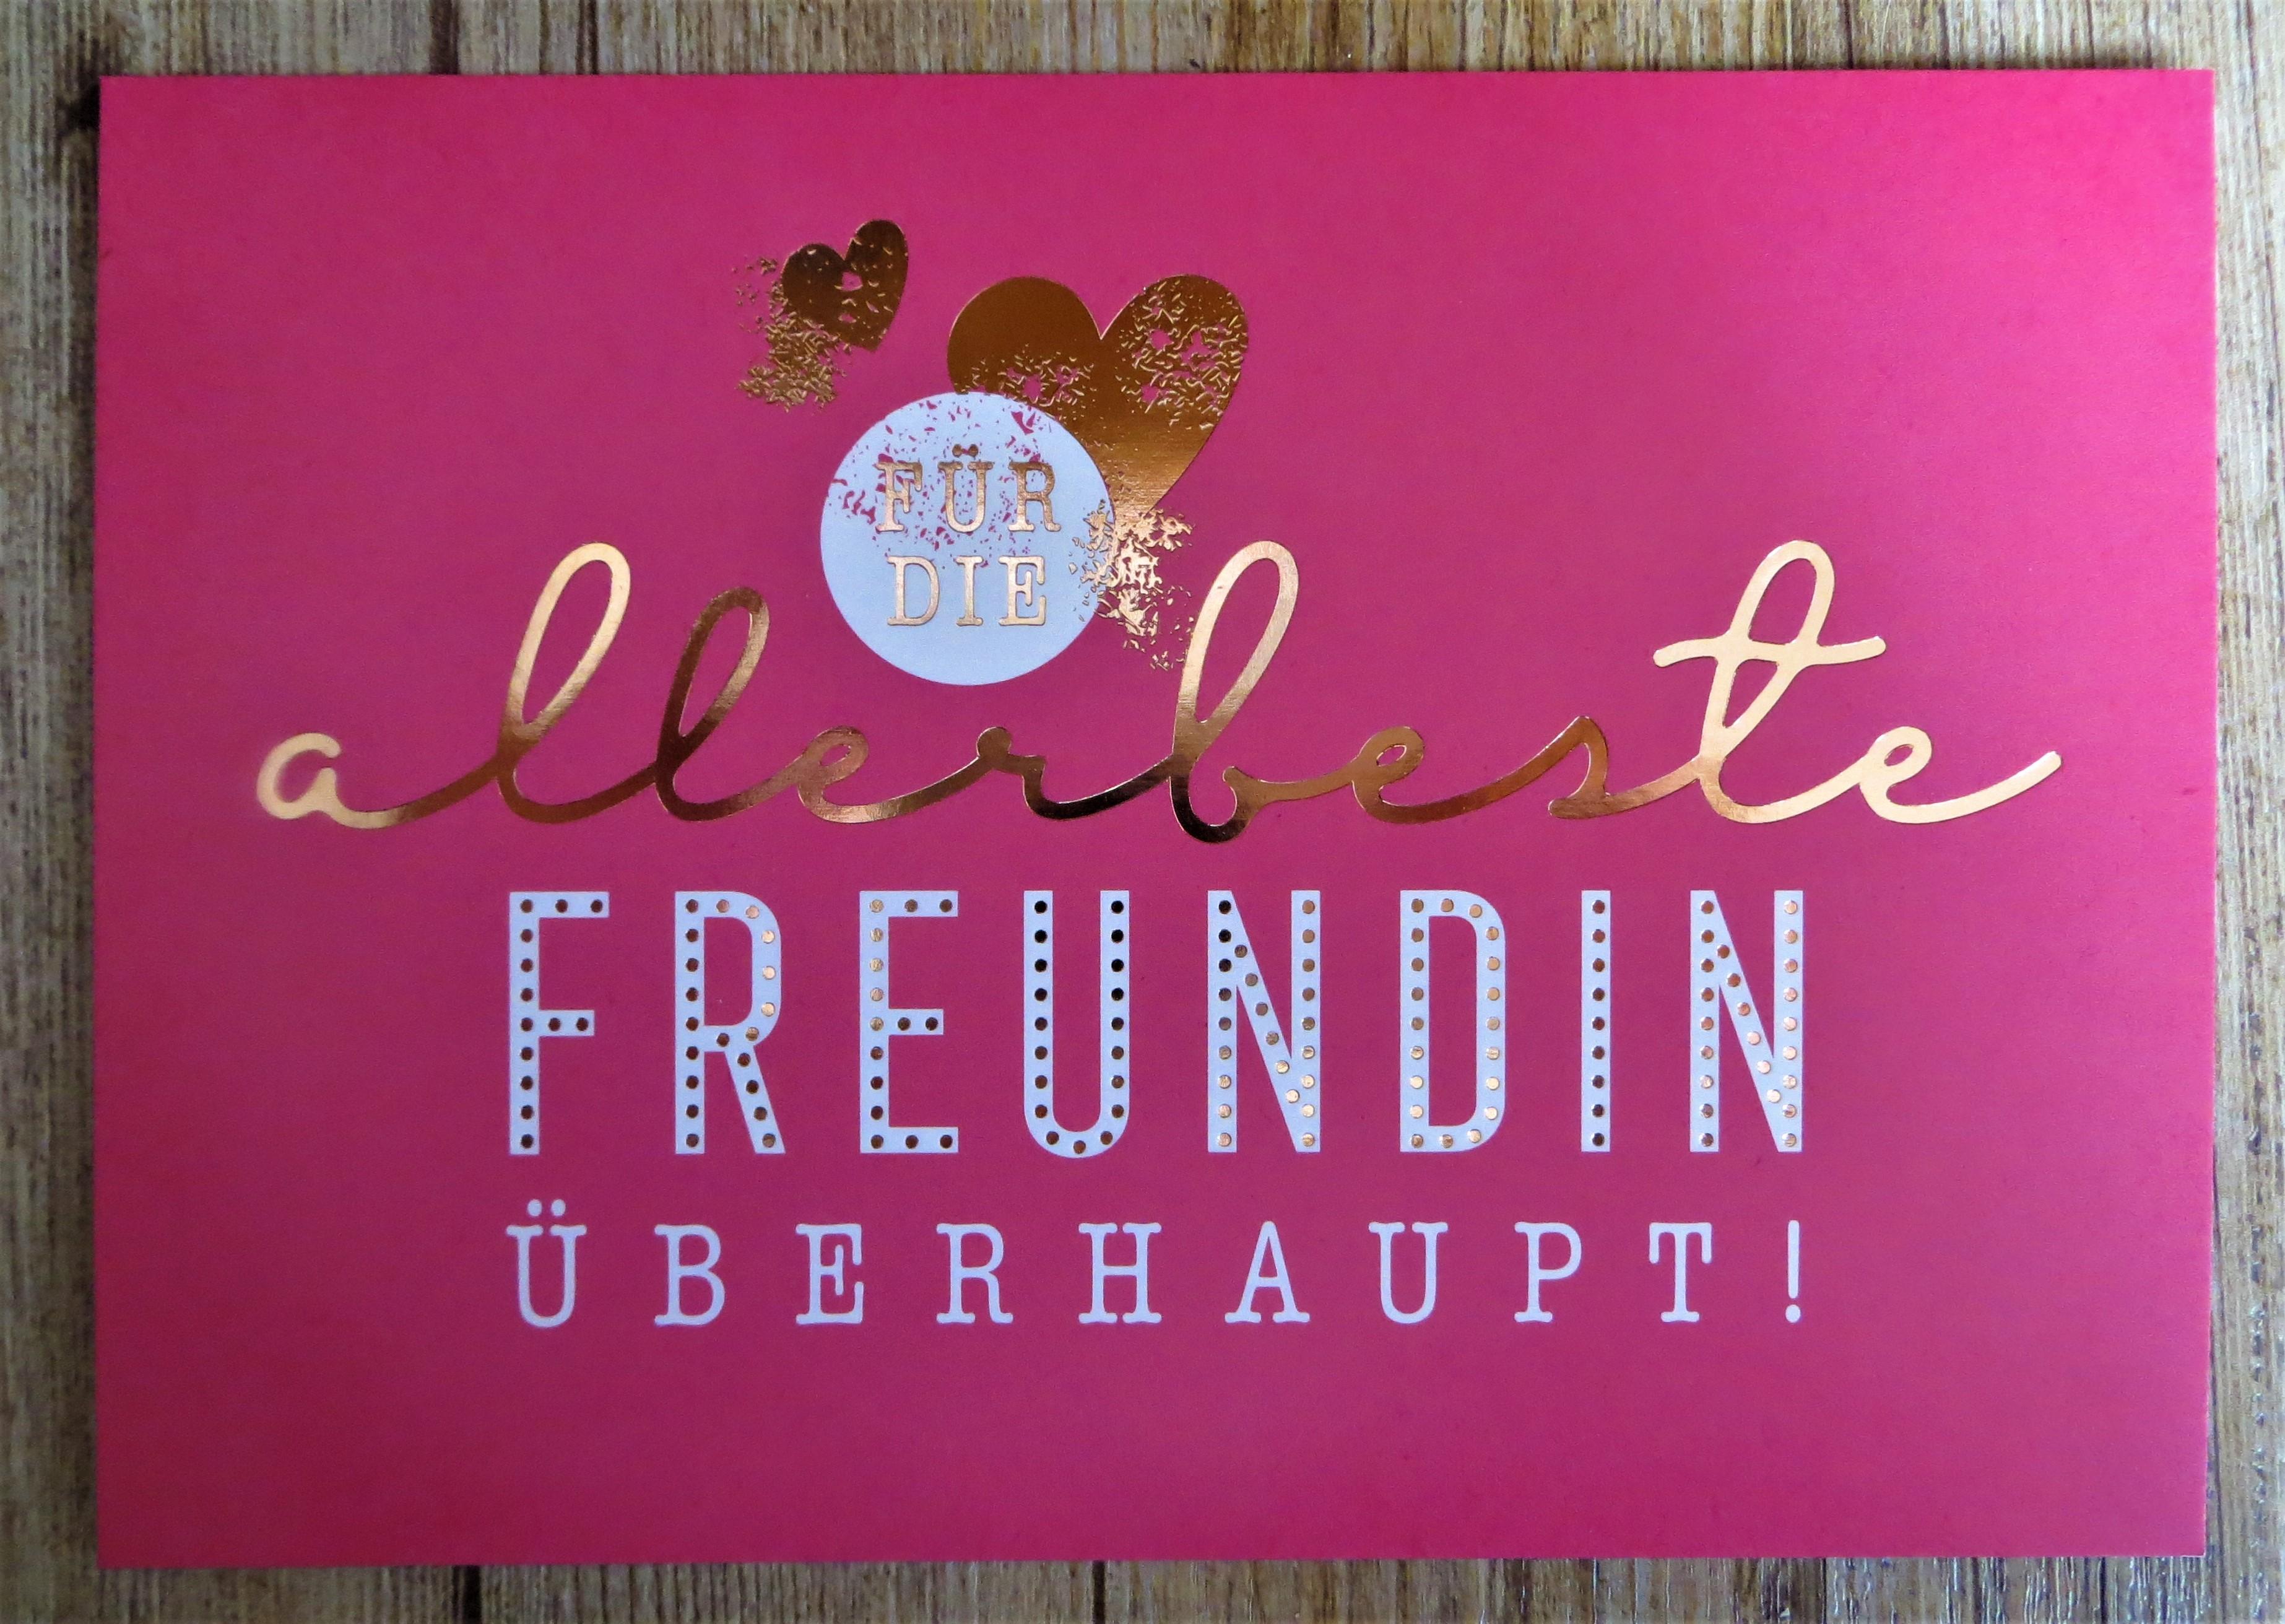 Nützlichgrusskarten - Postkarte Für die allerbeste Freundin überhaupt VintageArt - Onlineshop Tante Emmer